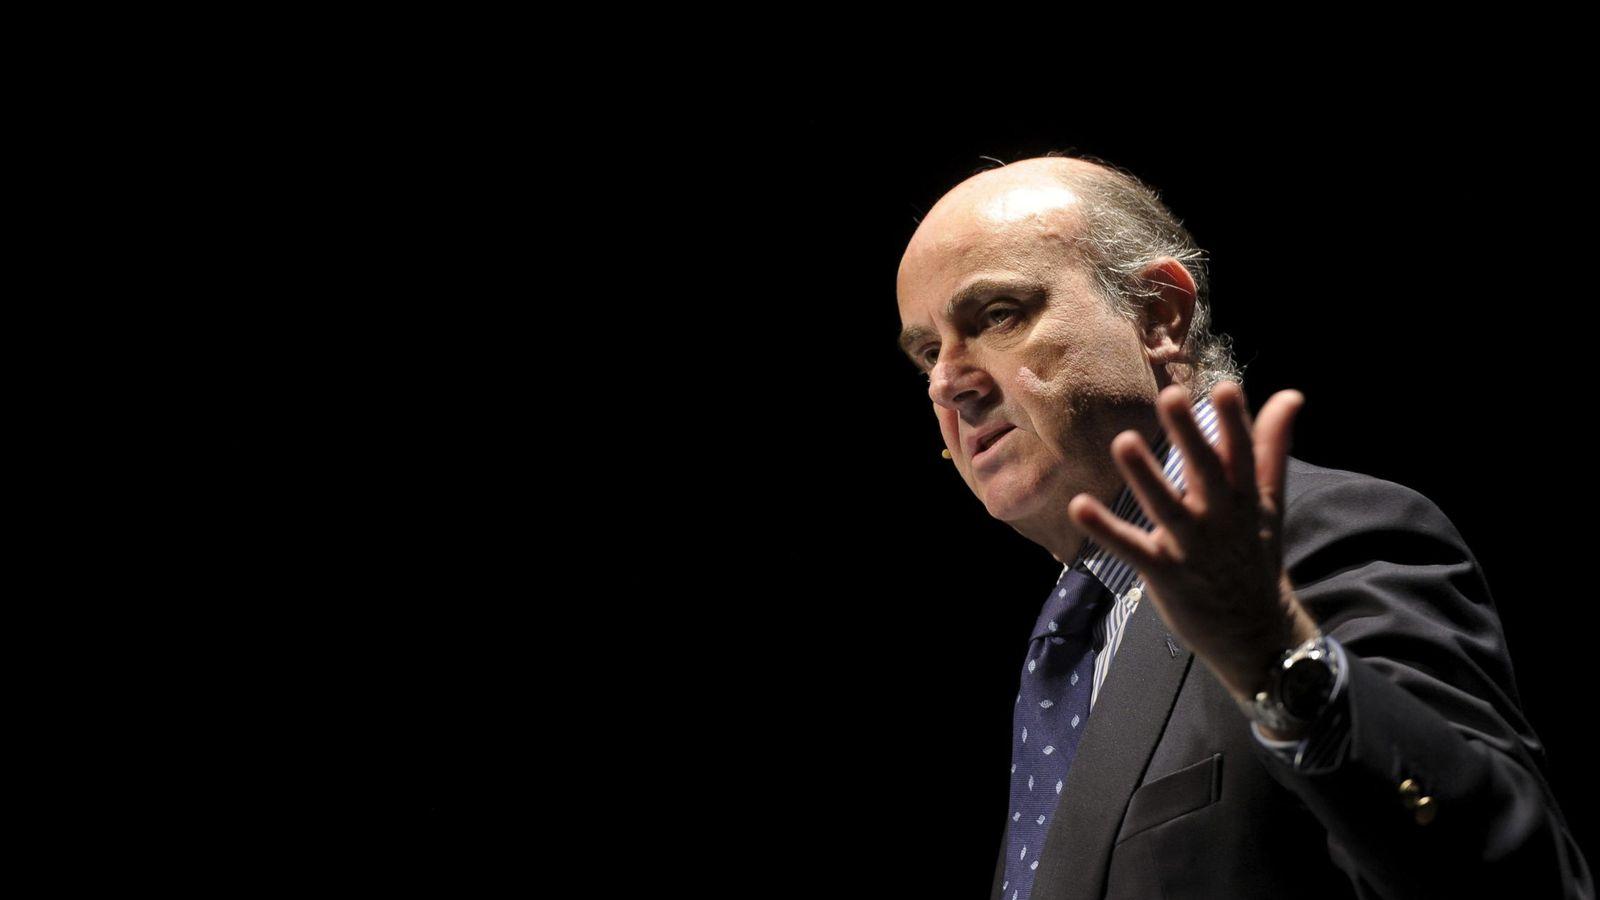 Foto: El ministro de Economía y Competitividad, Luis de Guindos, durante su intervención en un foro de economía celebrado en Pamplona. EFE